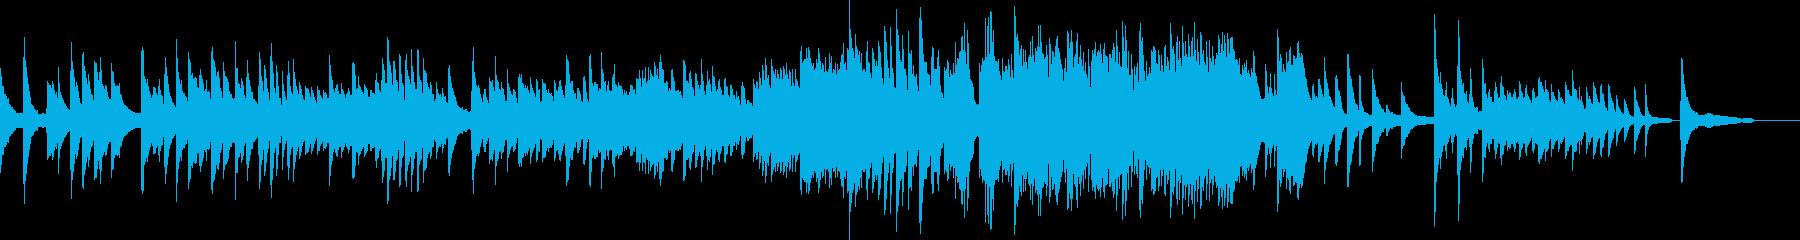 懐かしい記憶に触れるイメージのピアノソロの再生済みの波形